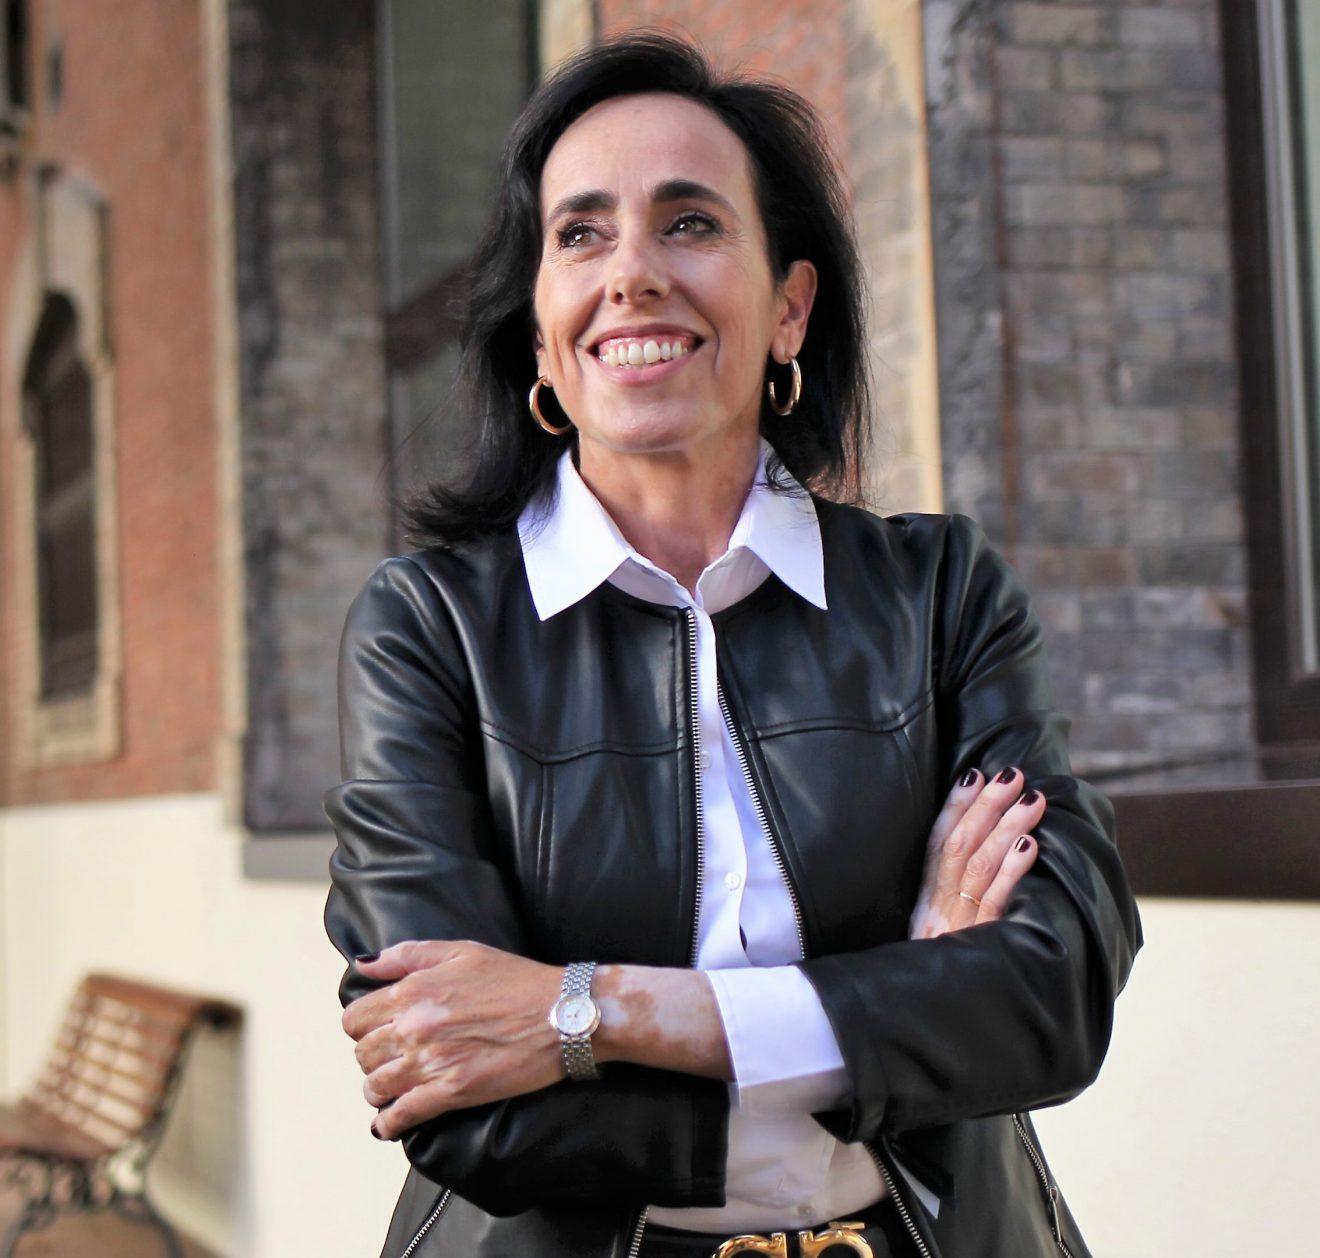 """Elena Postigo: """"Desconocemos cuáles pueden ser las consecuencias a medio y largo plazo de la edición genética"""""""